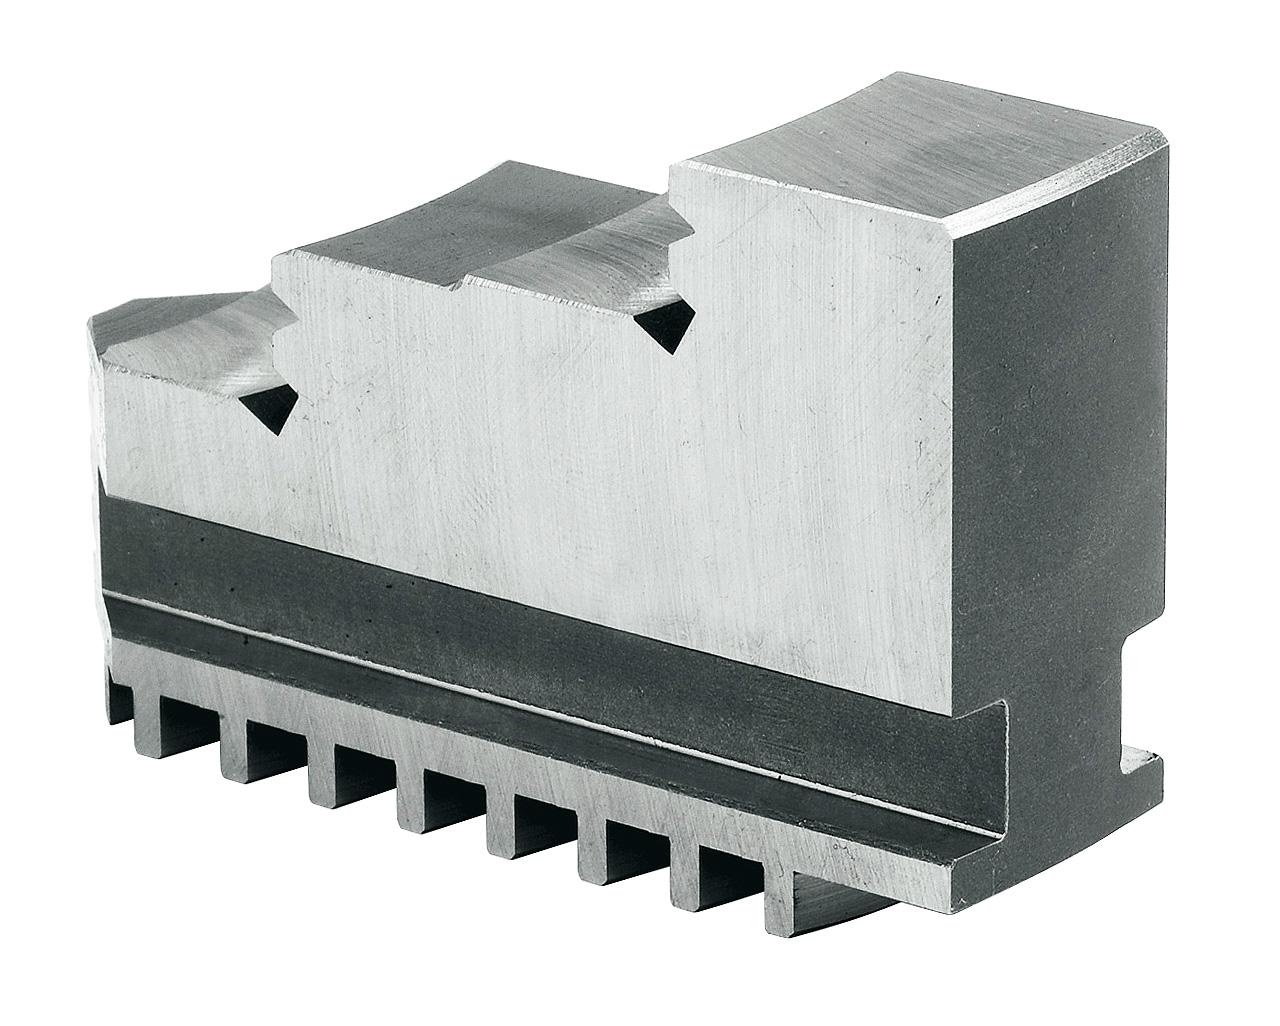 Szczęki jednolite twarde wewnętrzne - komplet DIJ-DK11-315 BERNARDO